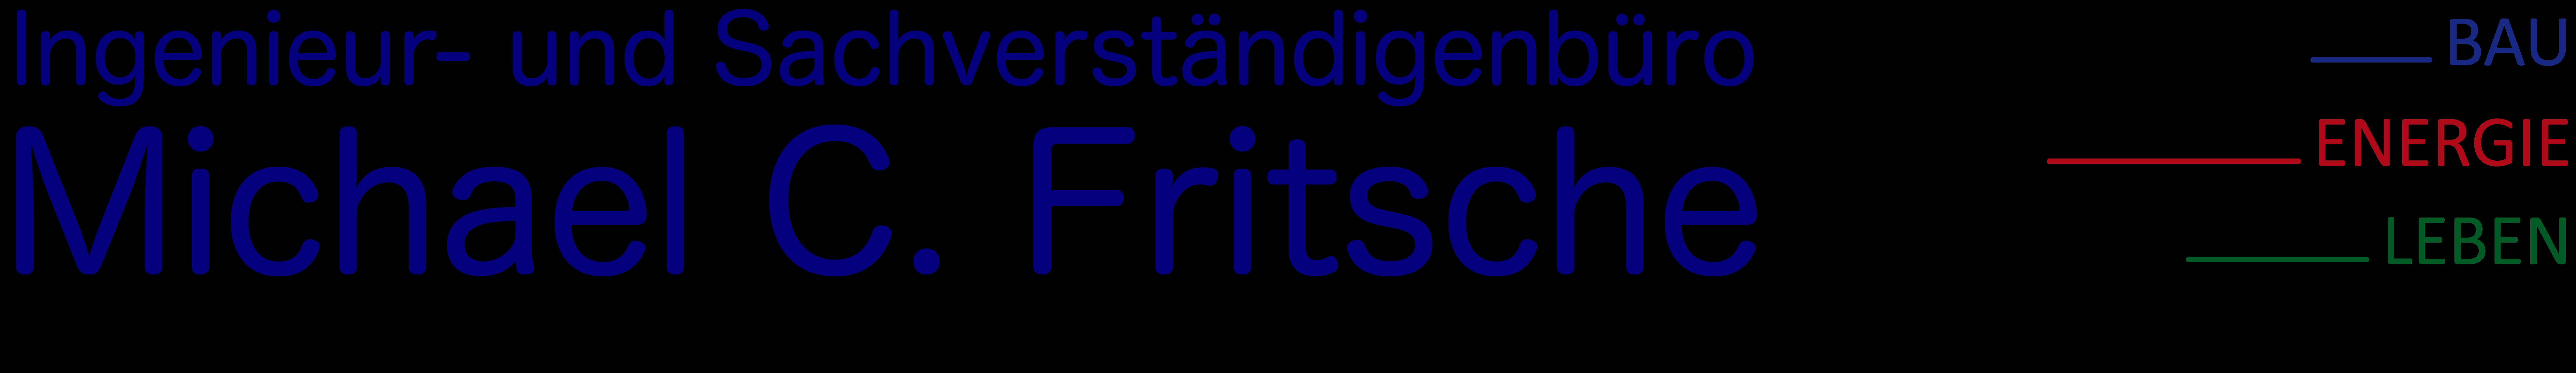 Ingenieur- und Sachverständgenbüro Michael C. Fritsche - Bau | Energie | Leben